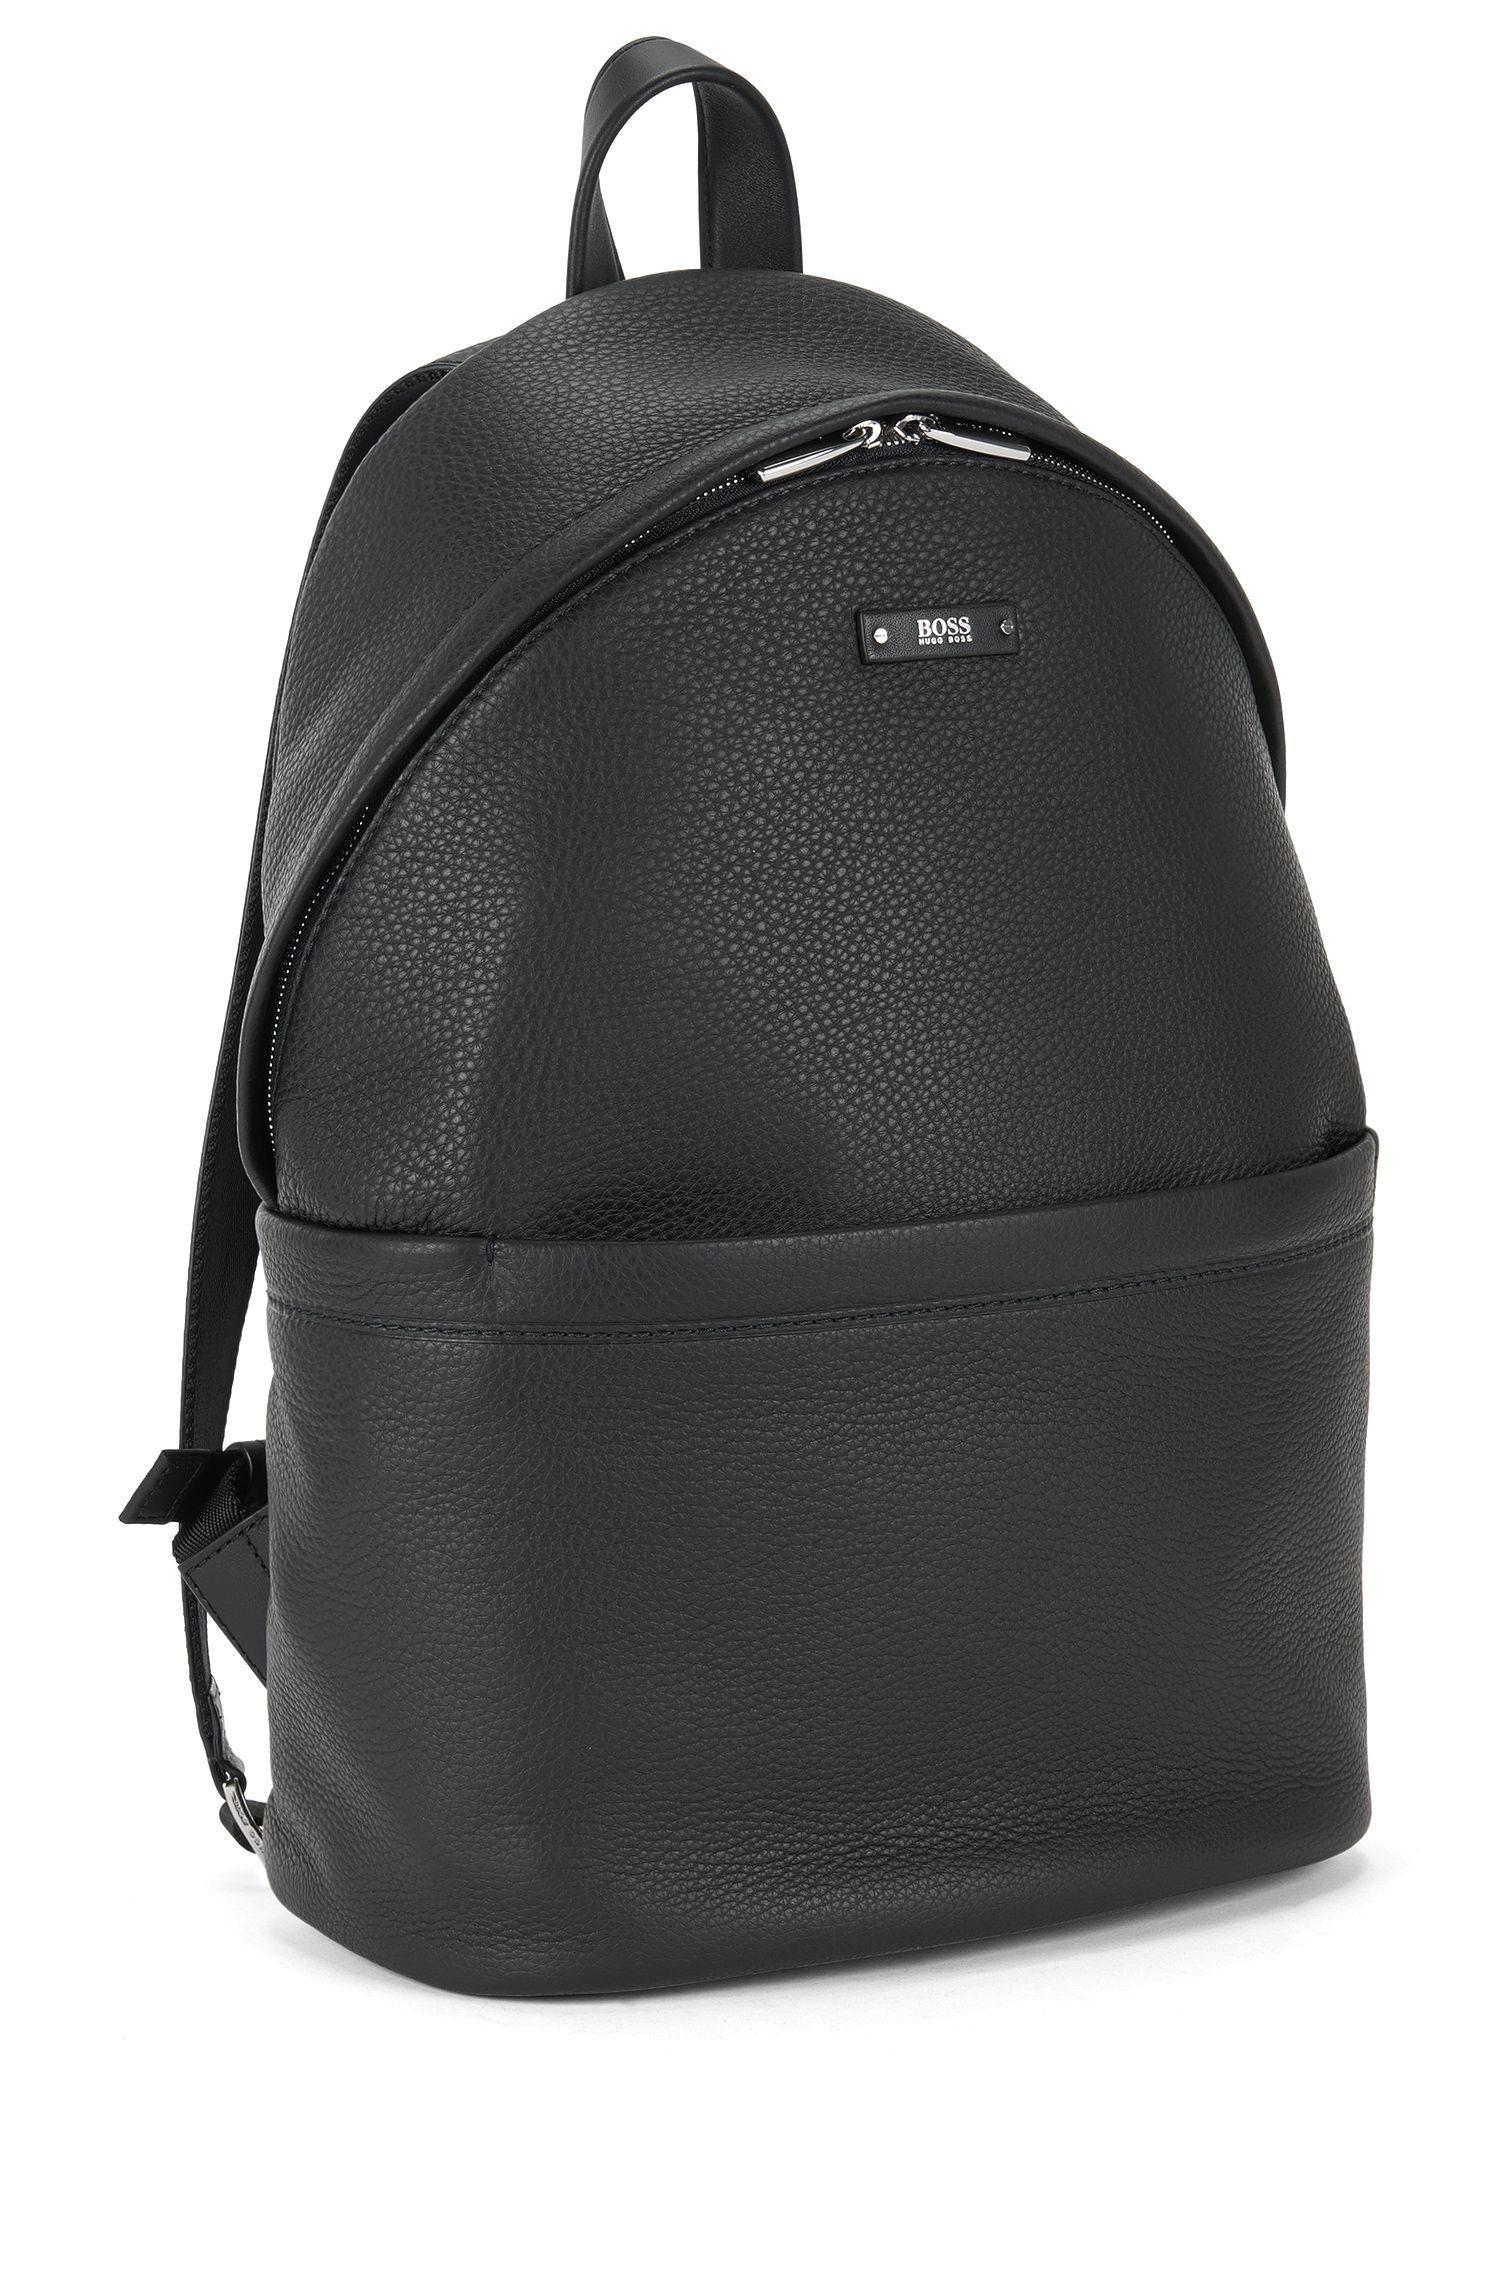 Rucksack aus genarbtem italienischem Leder